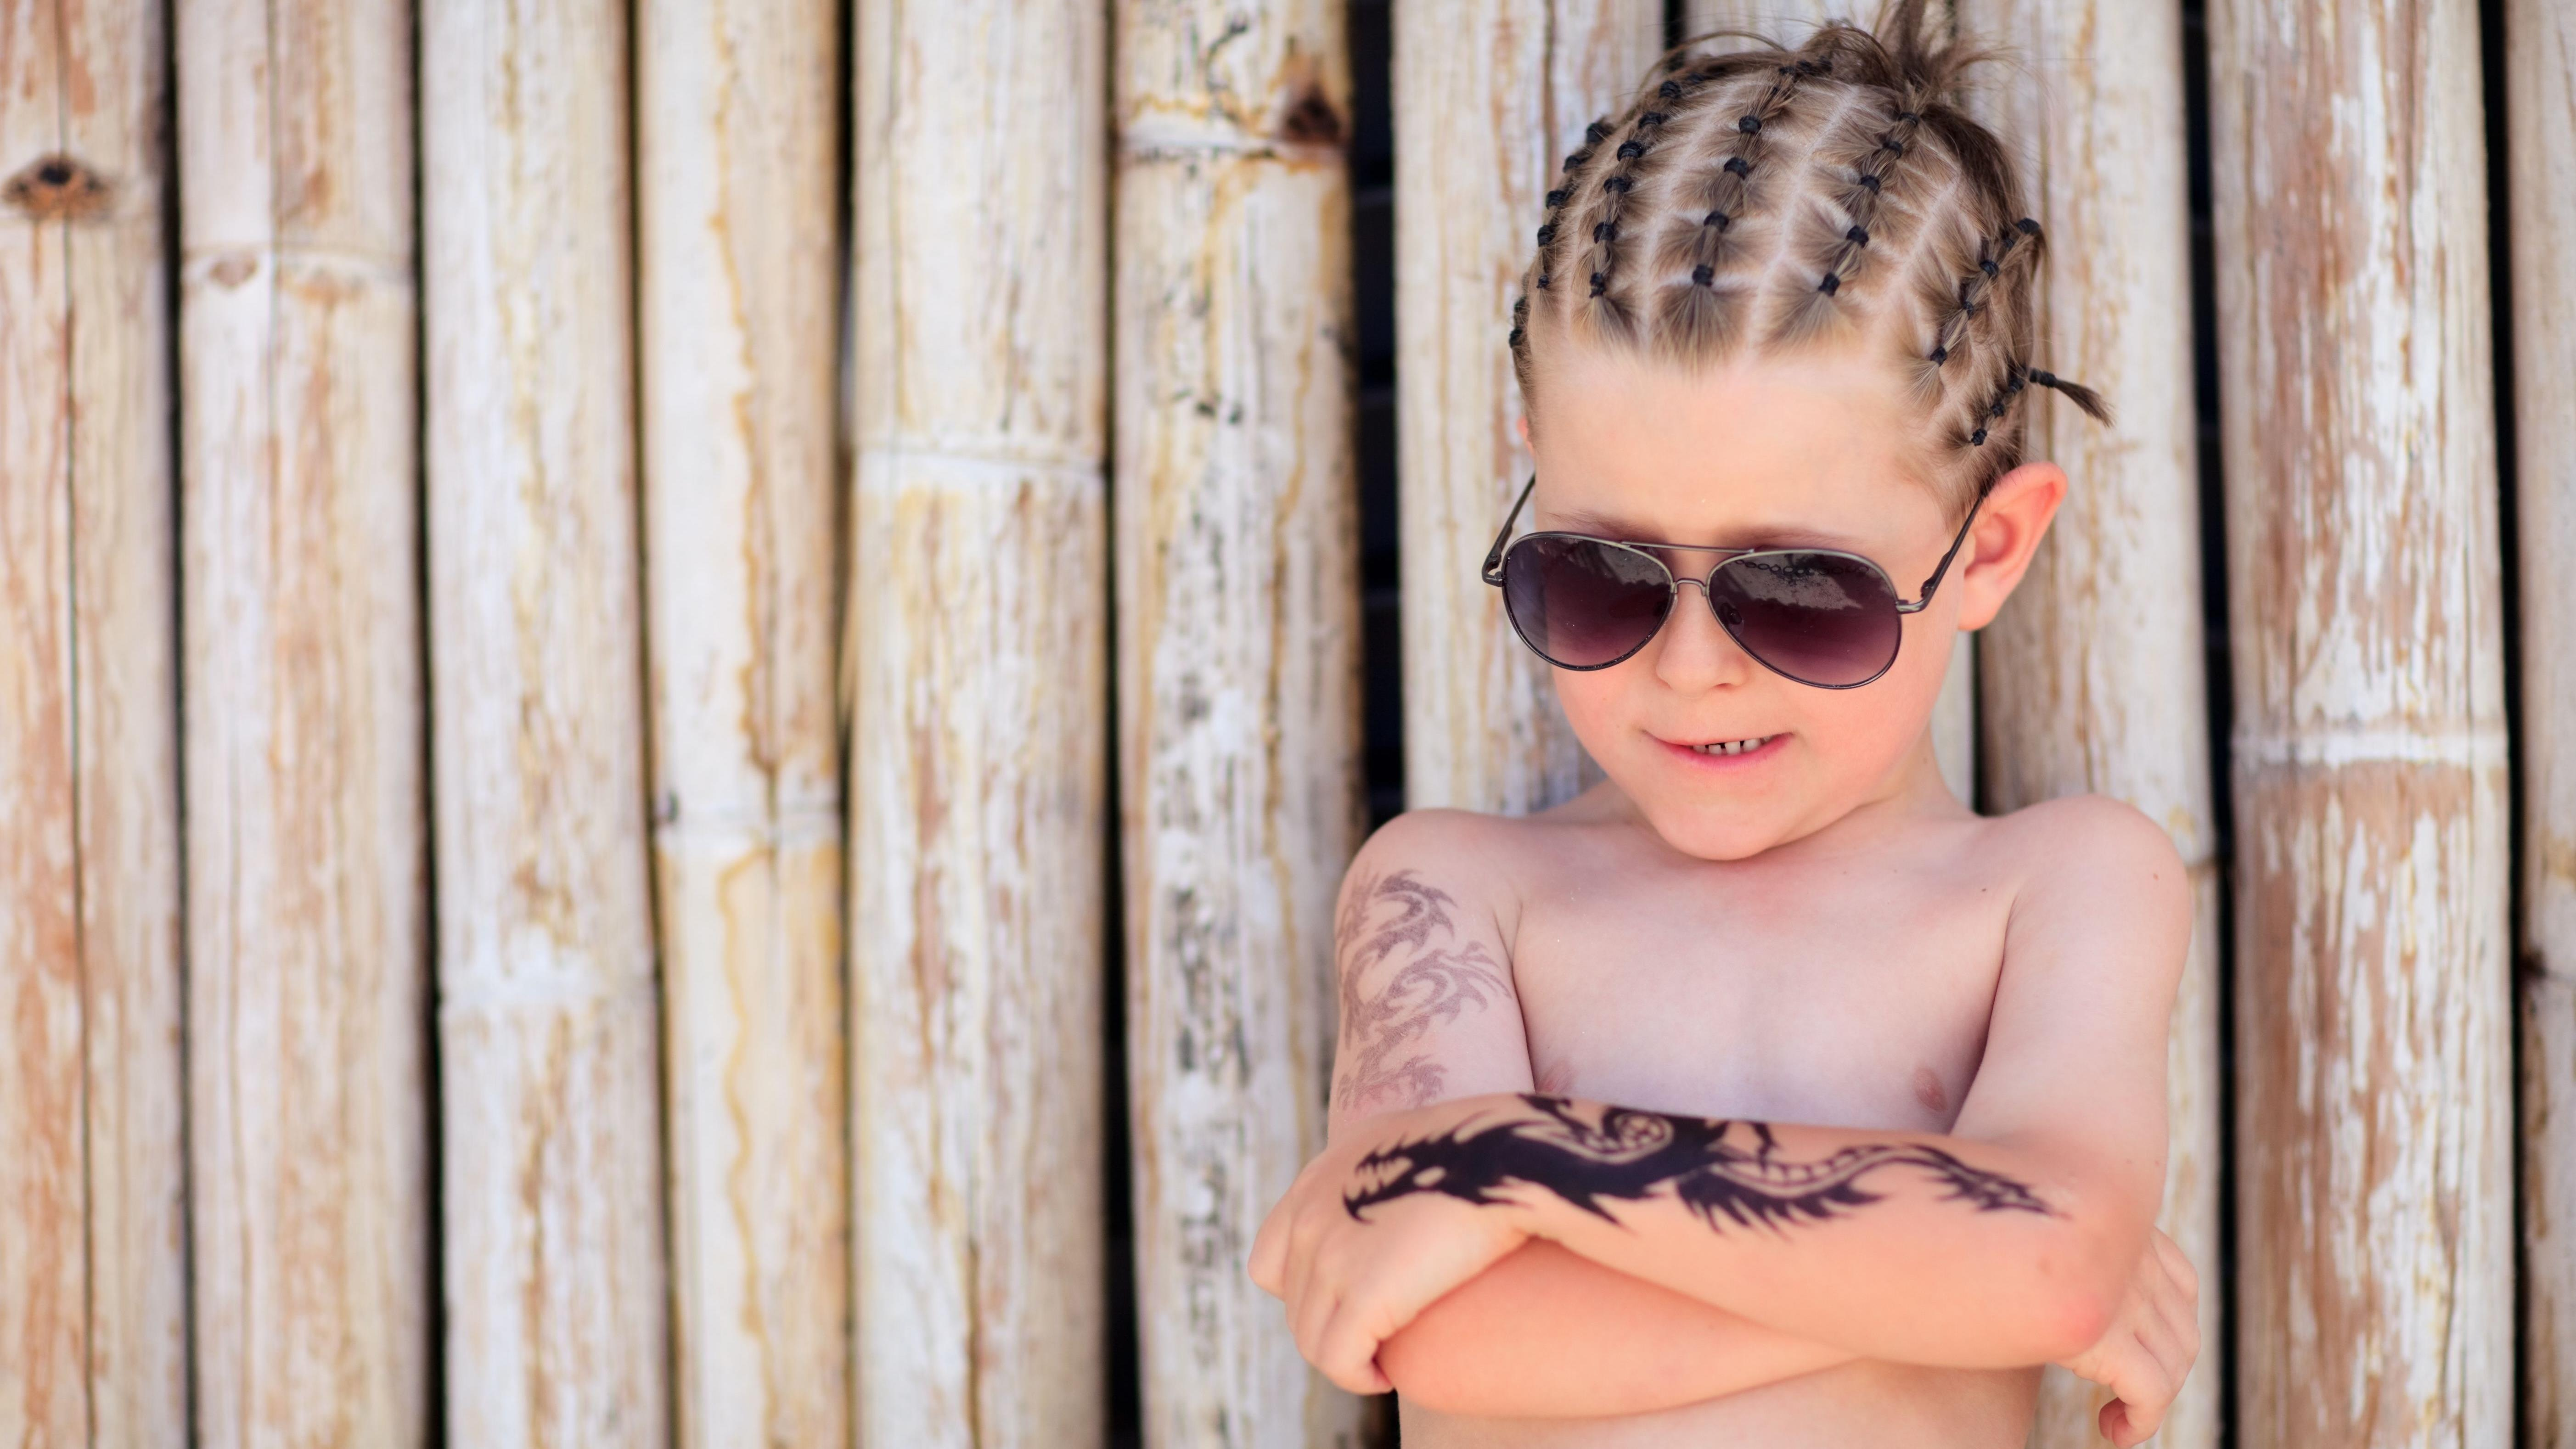 Tatuaże Z Henny Mogą Być Niebezpieczne